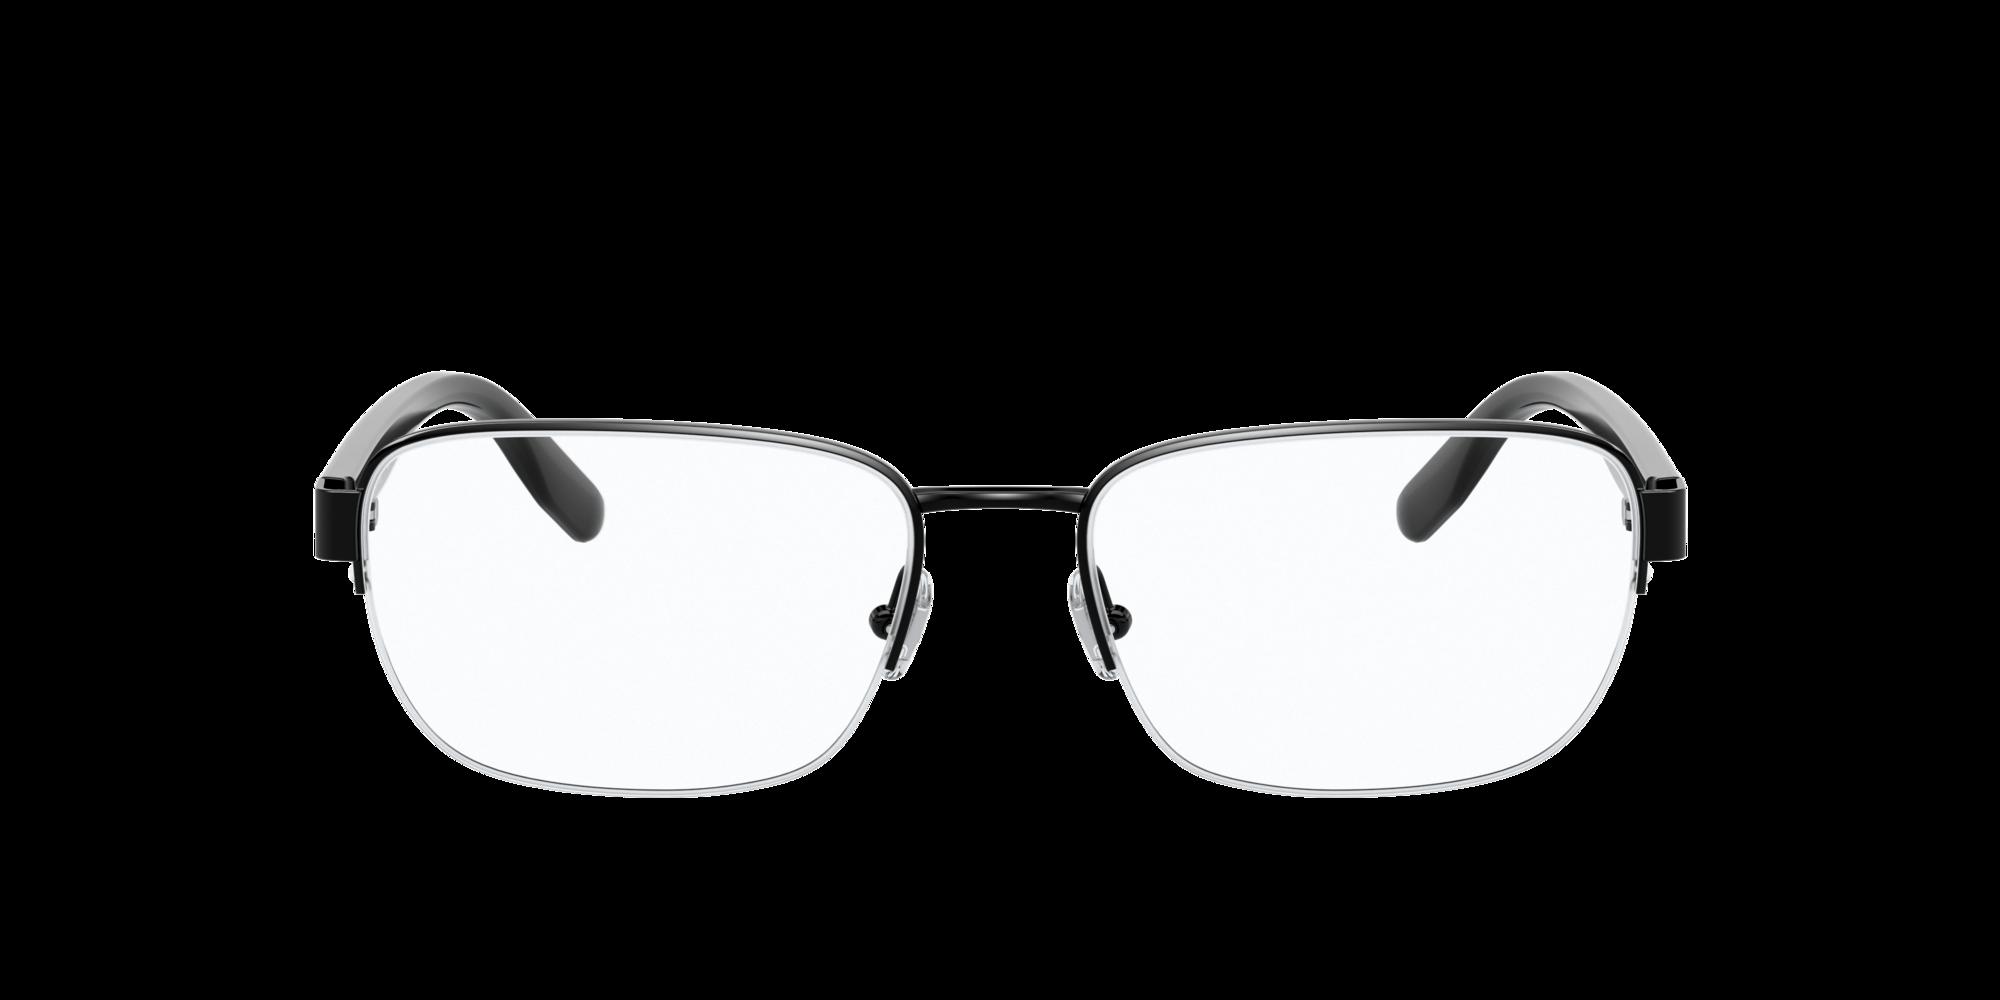 Imagen para CP2090 de LensCrafters |  Espejuelos, espejuelos graduados en línea, gafas